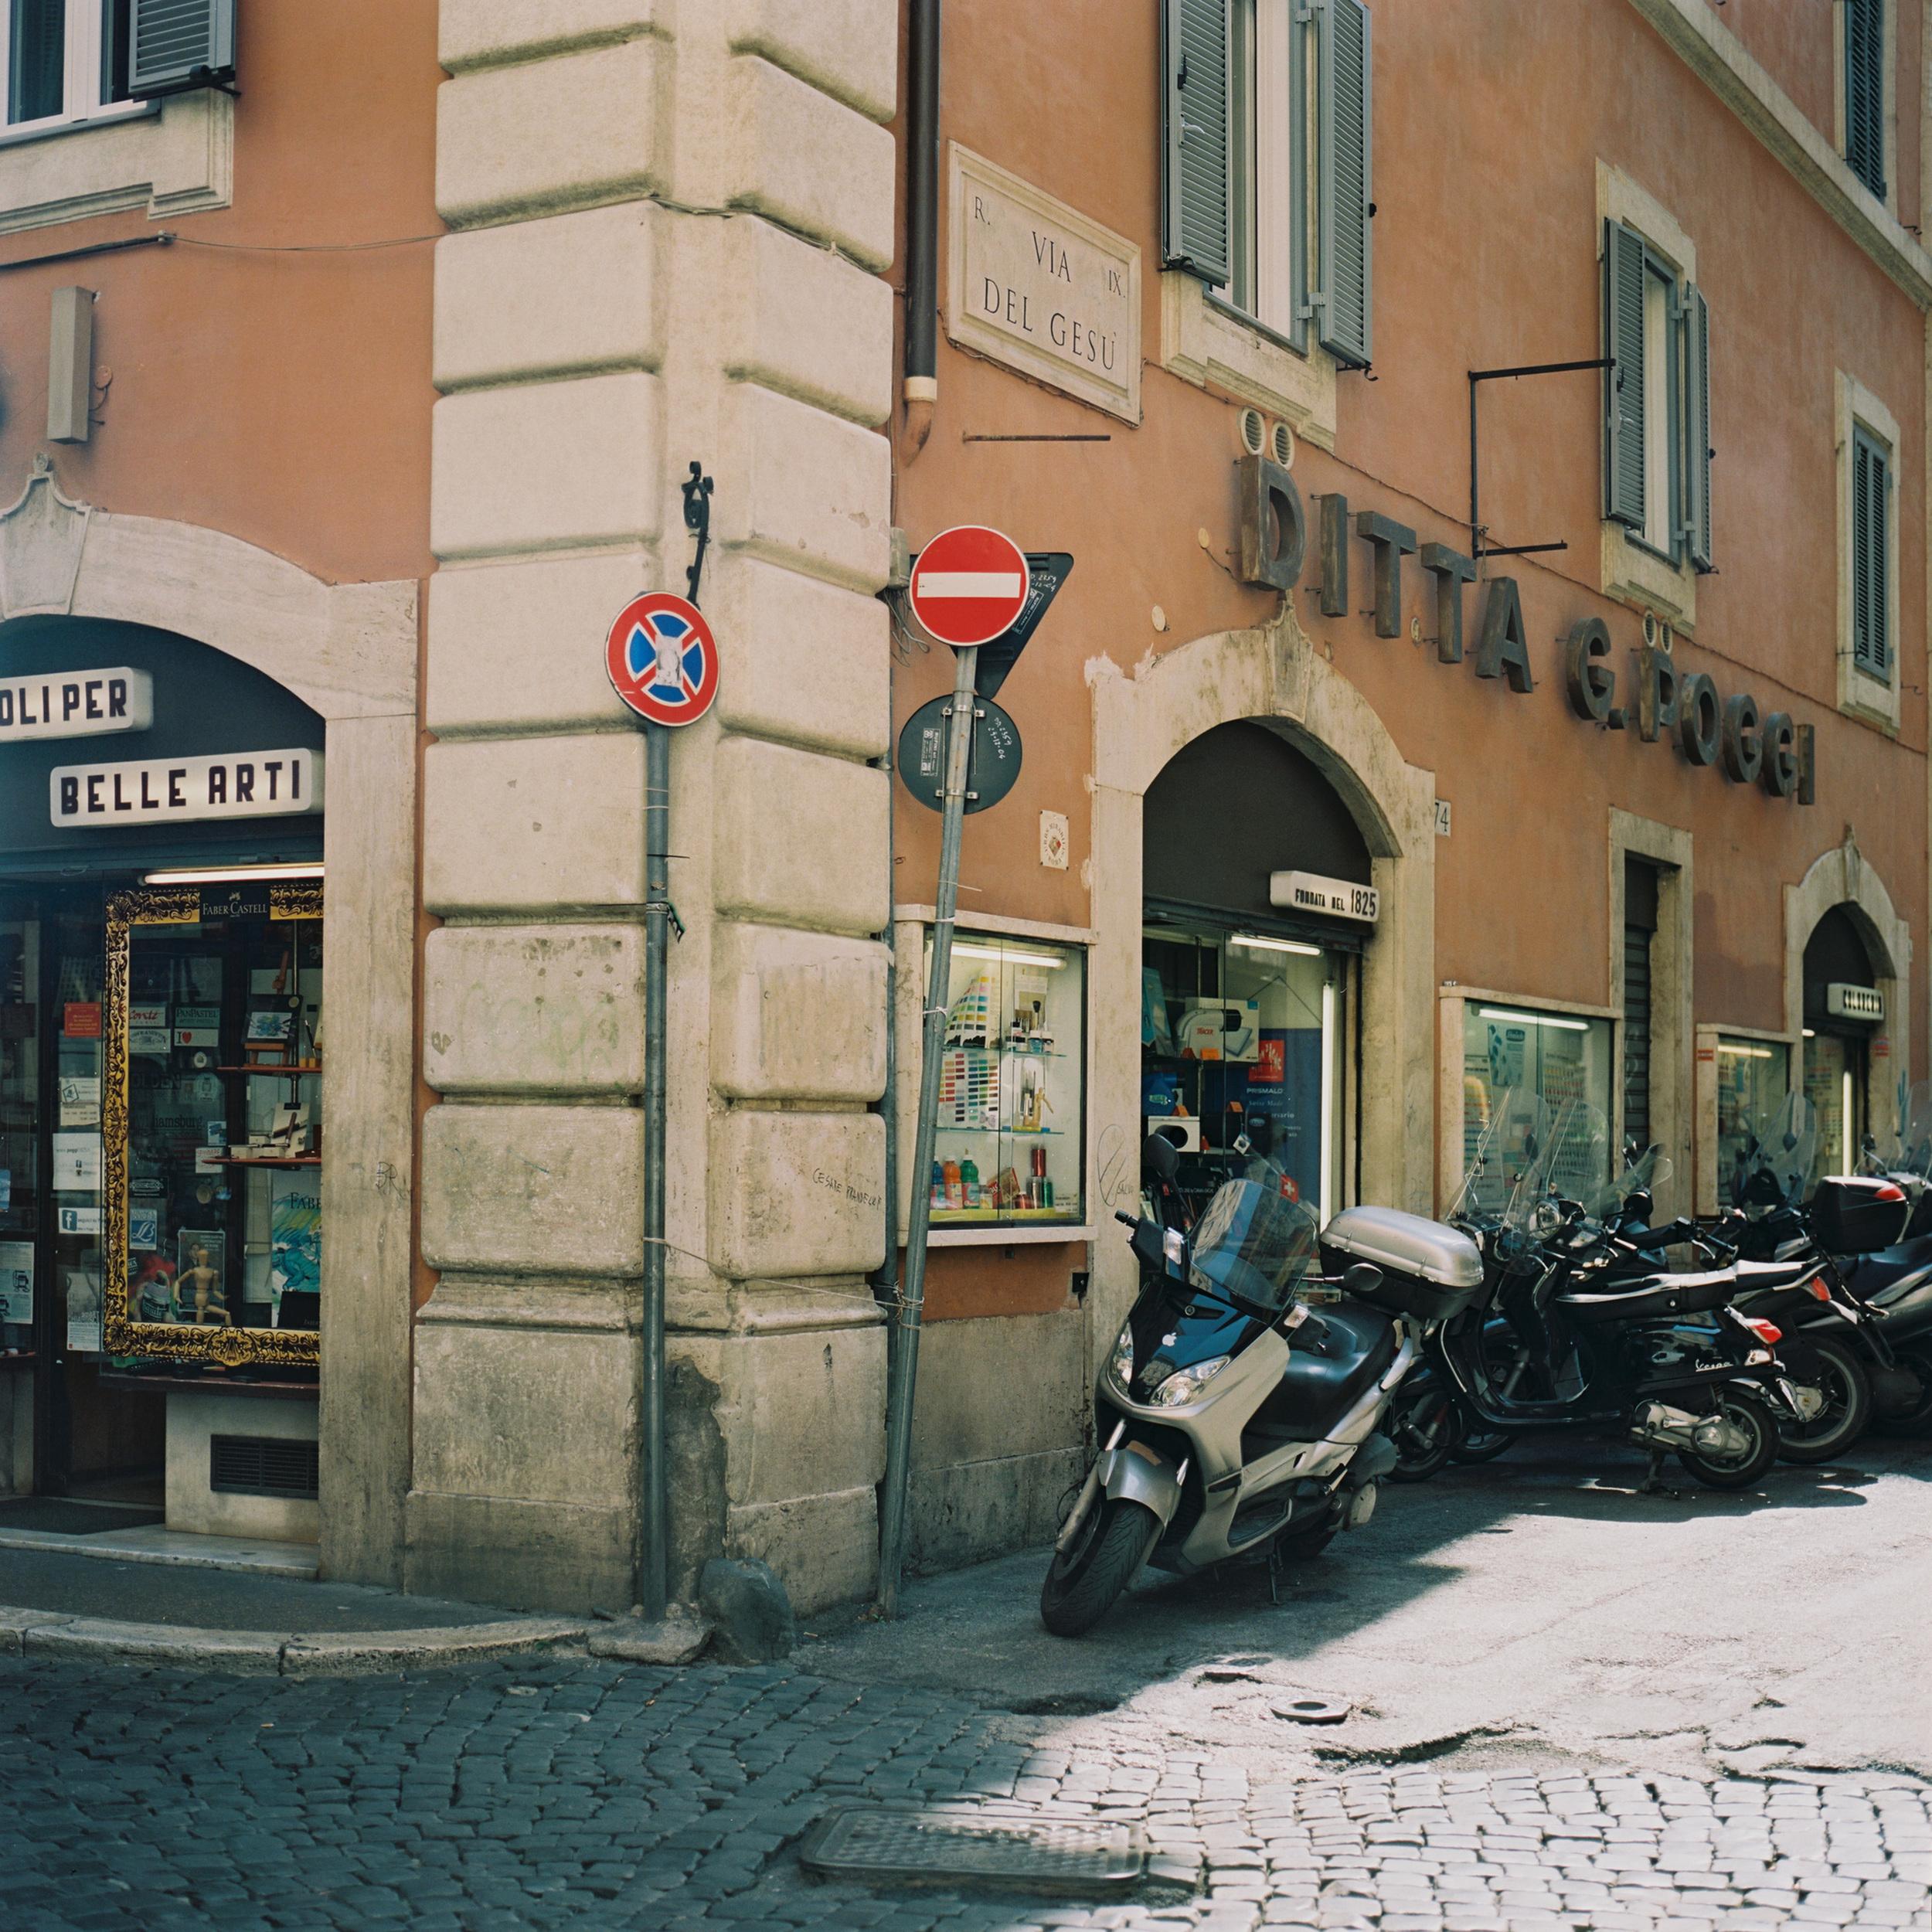 Ditta G. Poggi, Via del Gesù, Rome, 2015